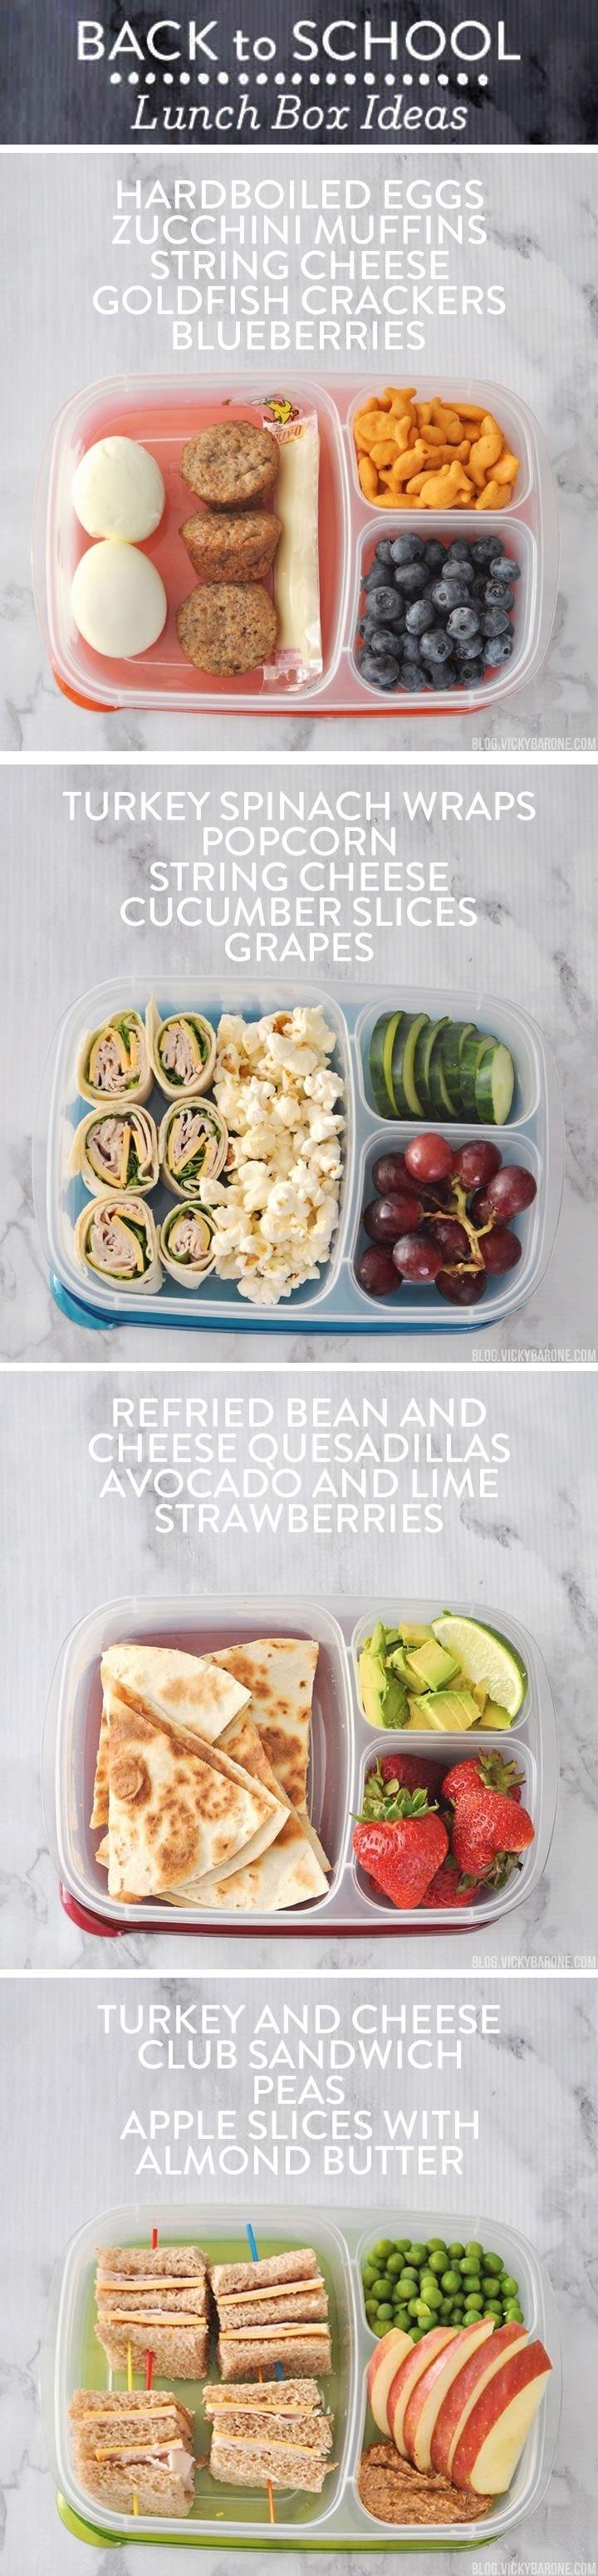 10 Great School Lunch Ideas For High Schoolers les 17 meilleures images du tableau lunch ideas sur pinterest 2021